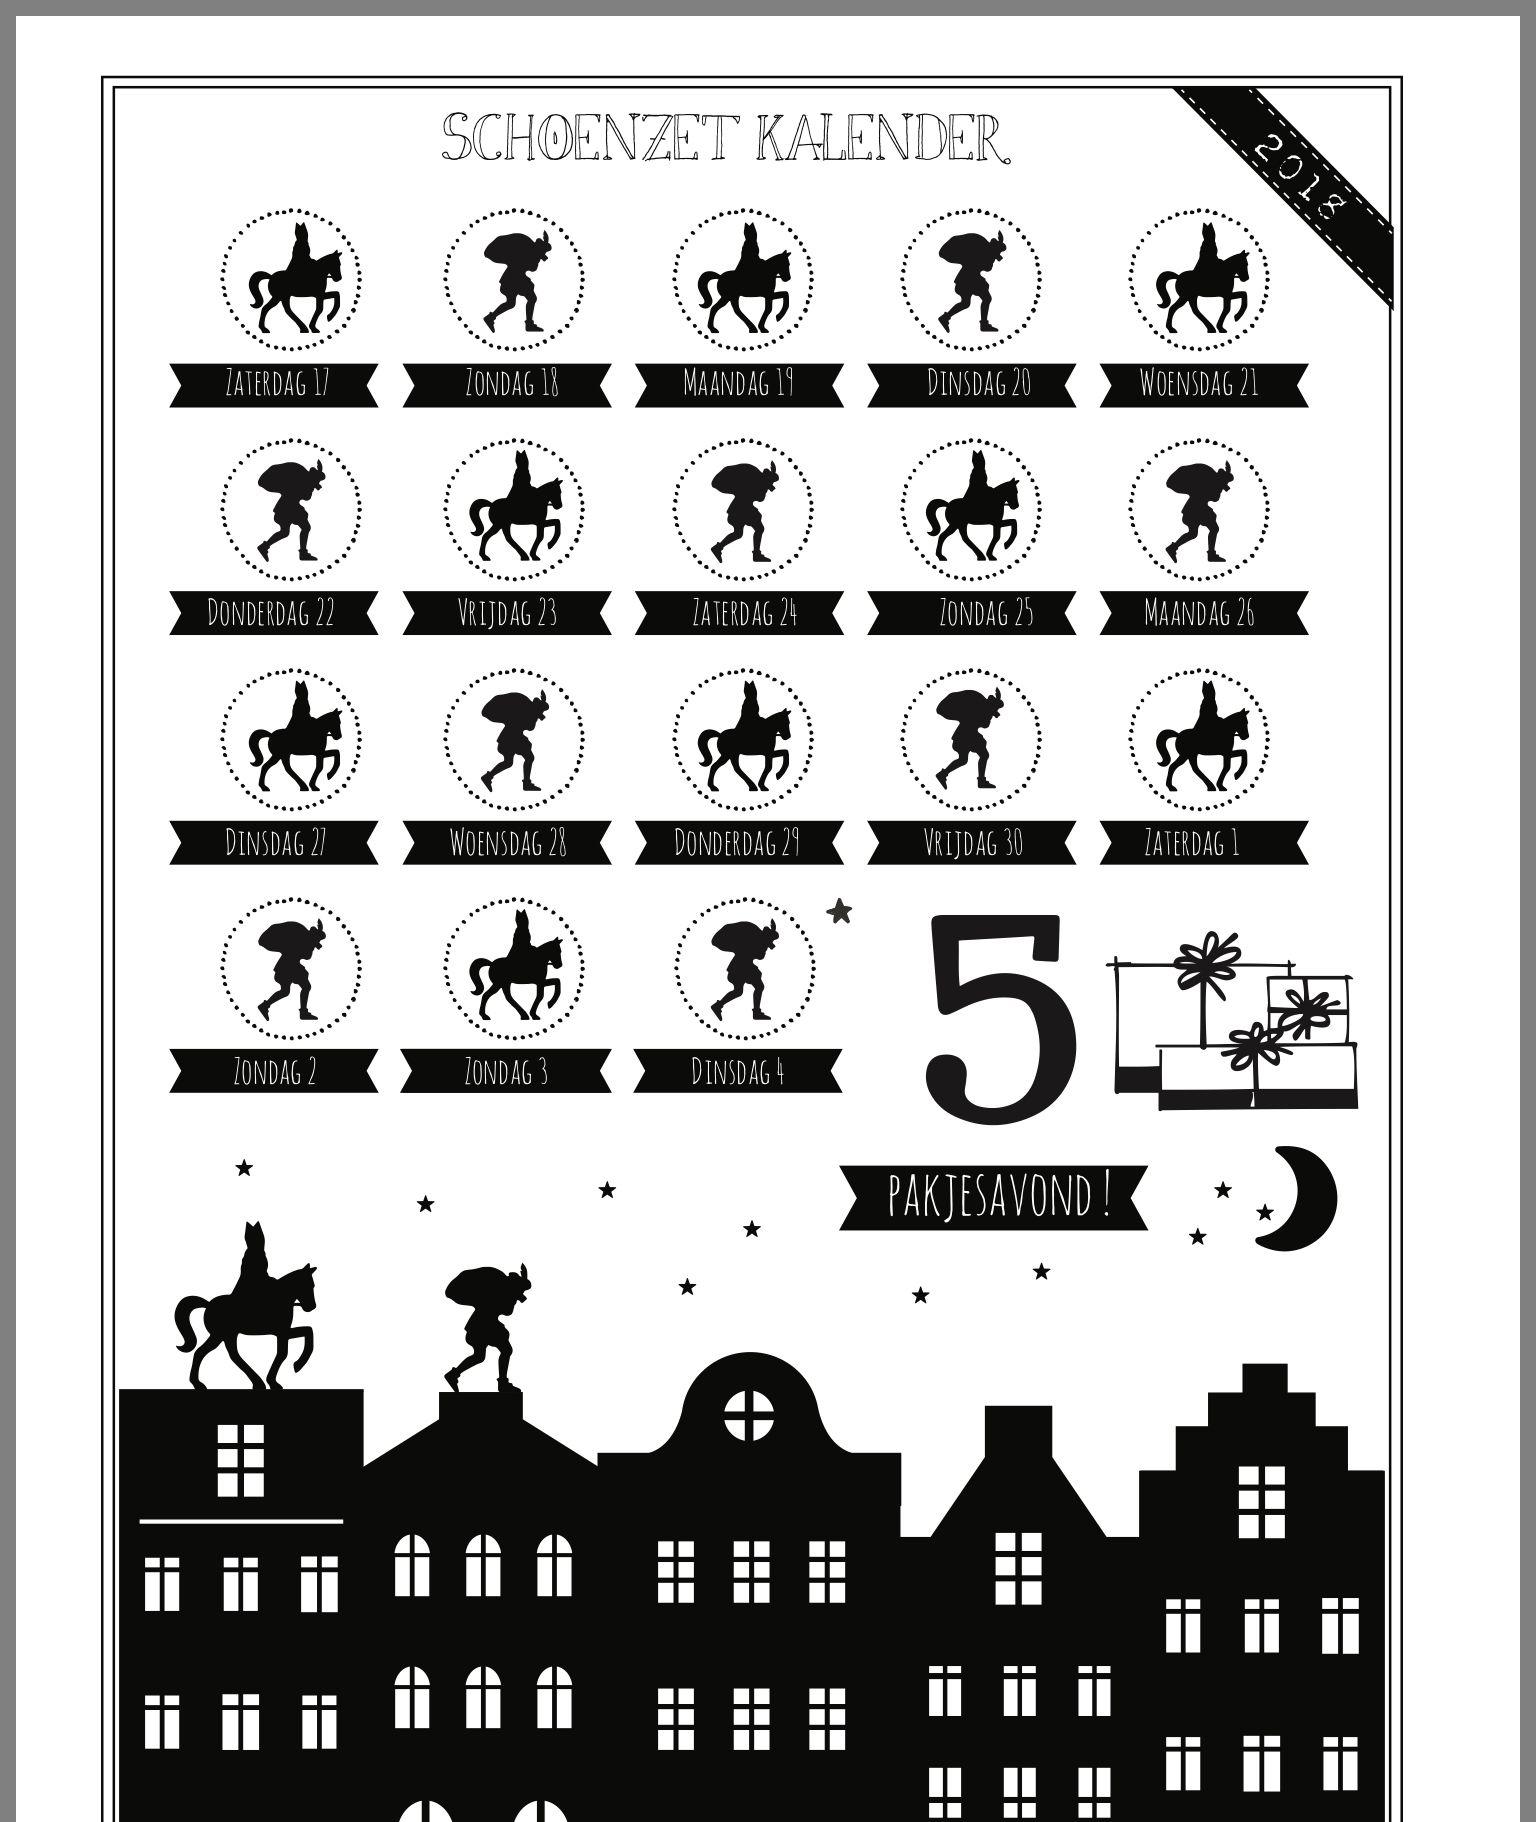 Pin Van Natascha Op Diy Sinterklaas Volwassen Diy Sinterklaas Kalender Vrijdag